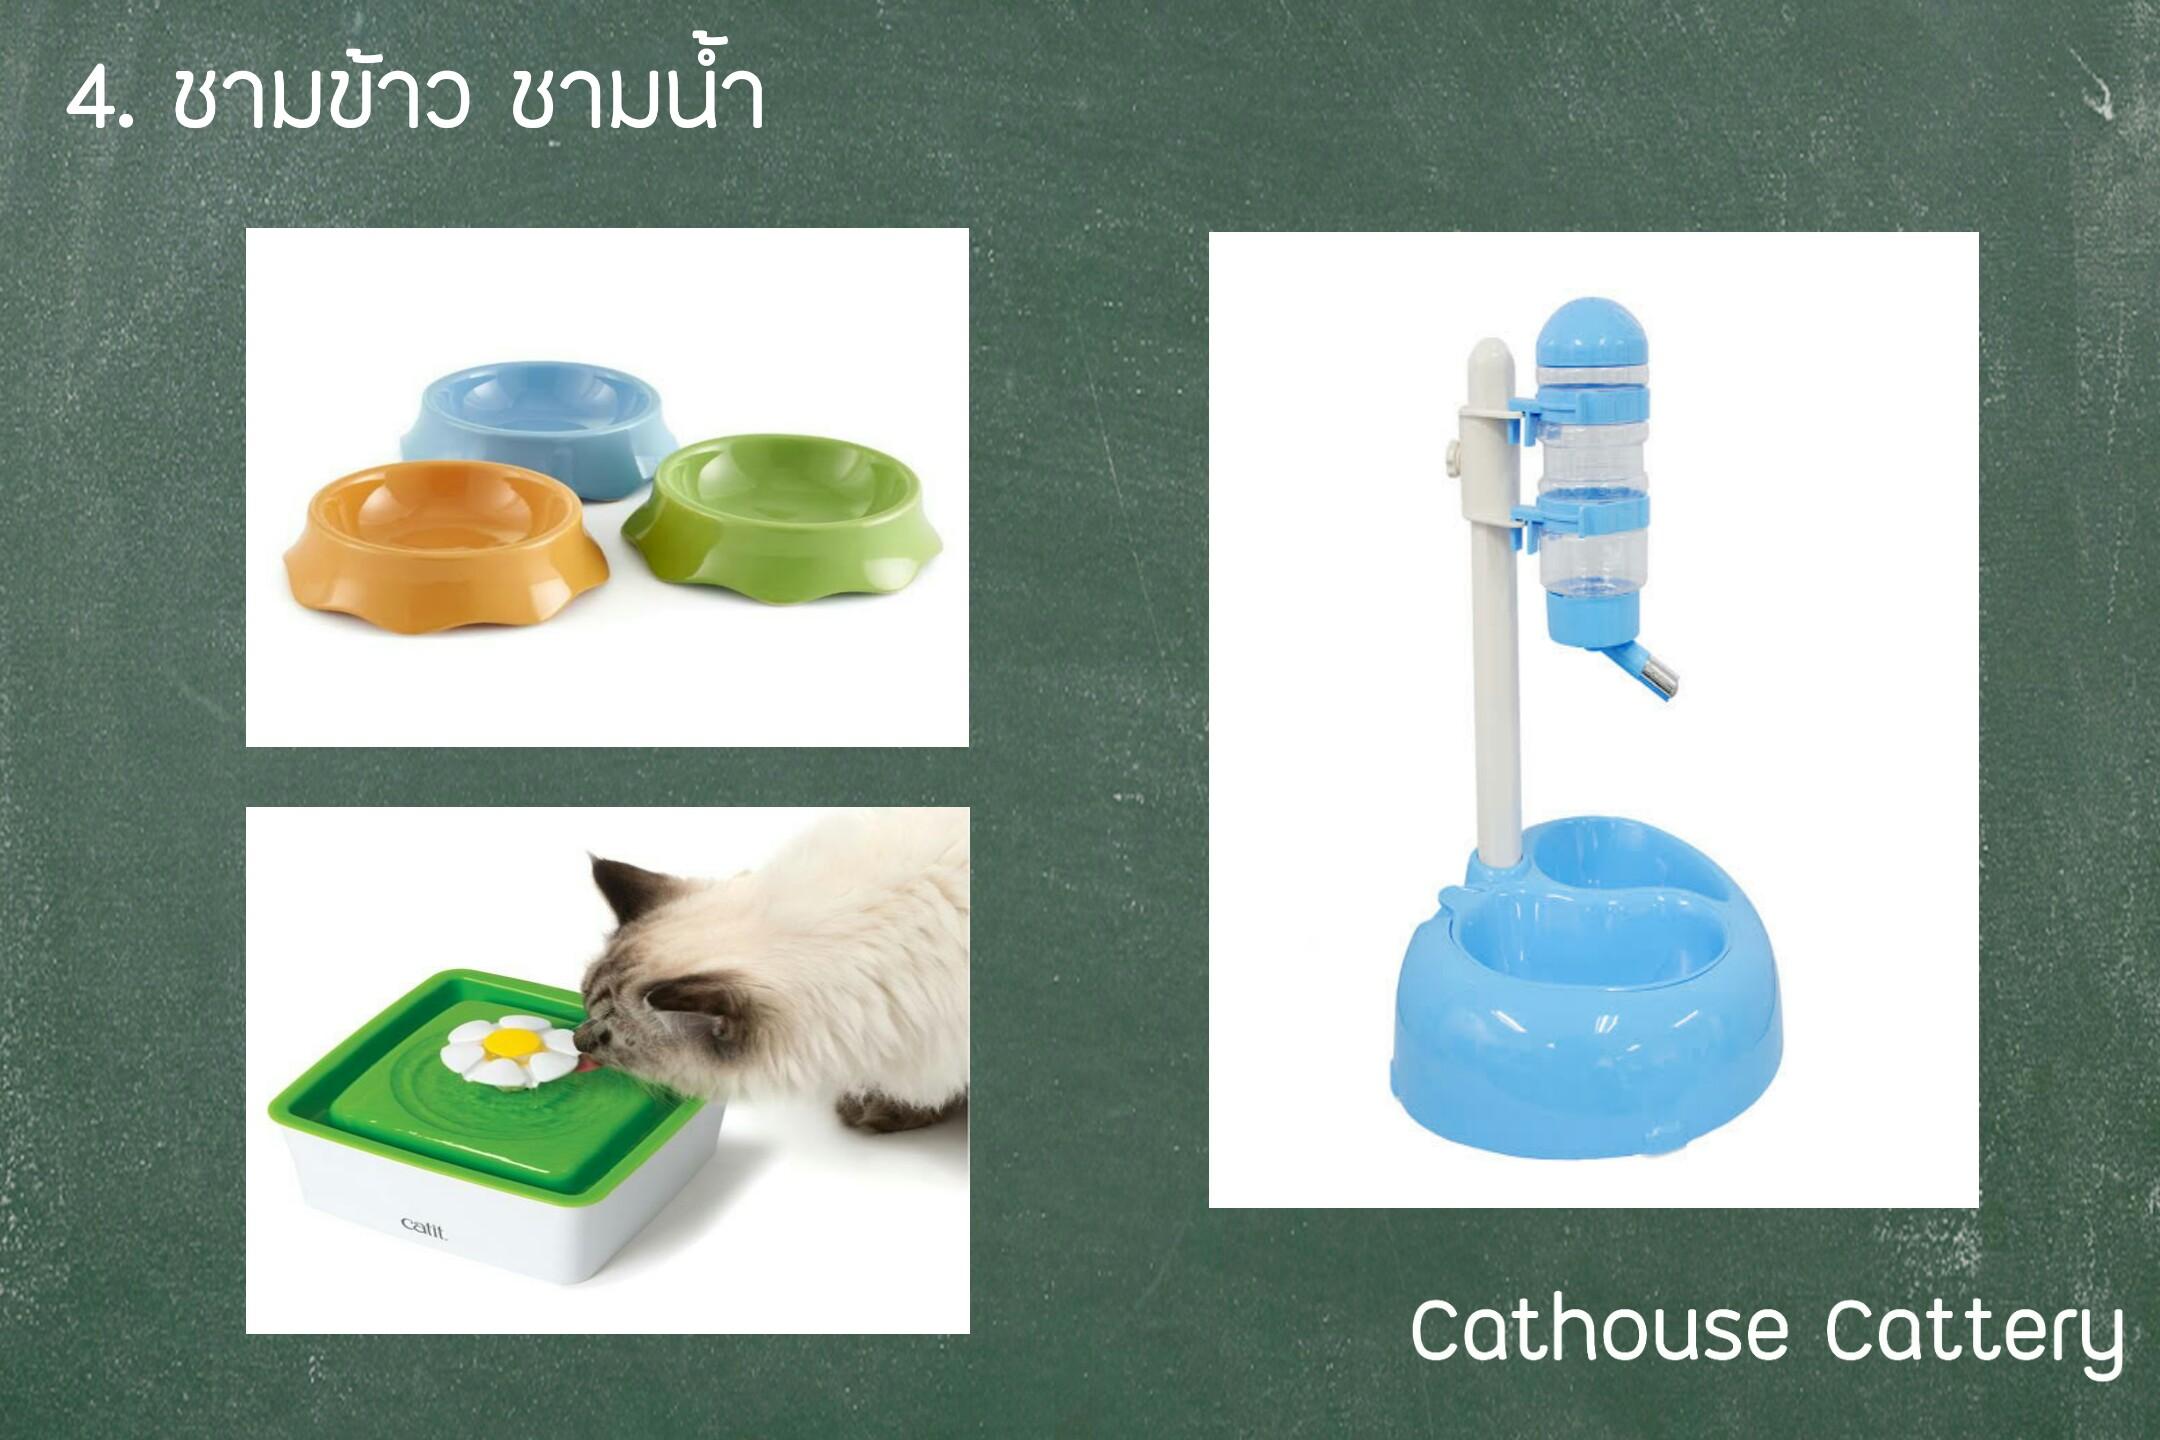 ชามข้าวแมว